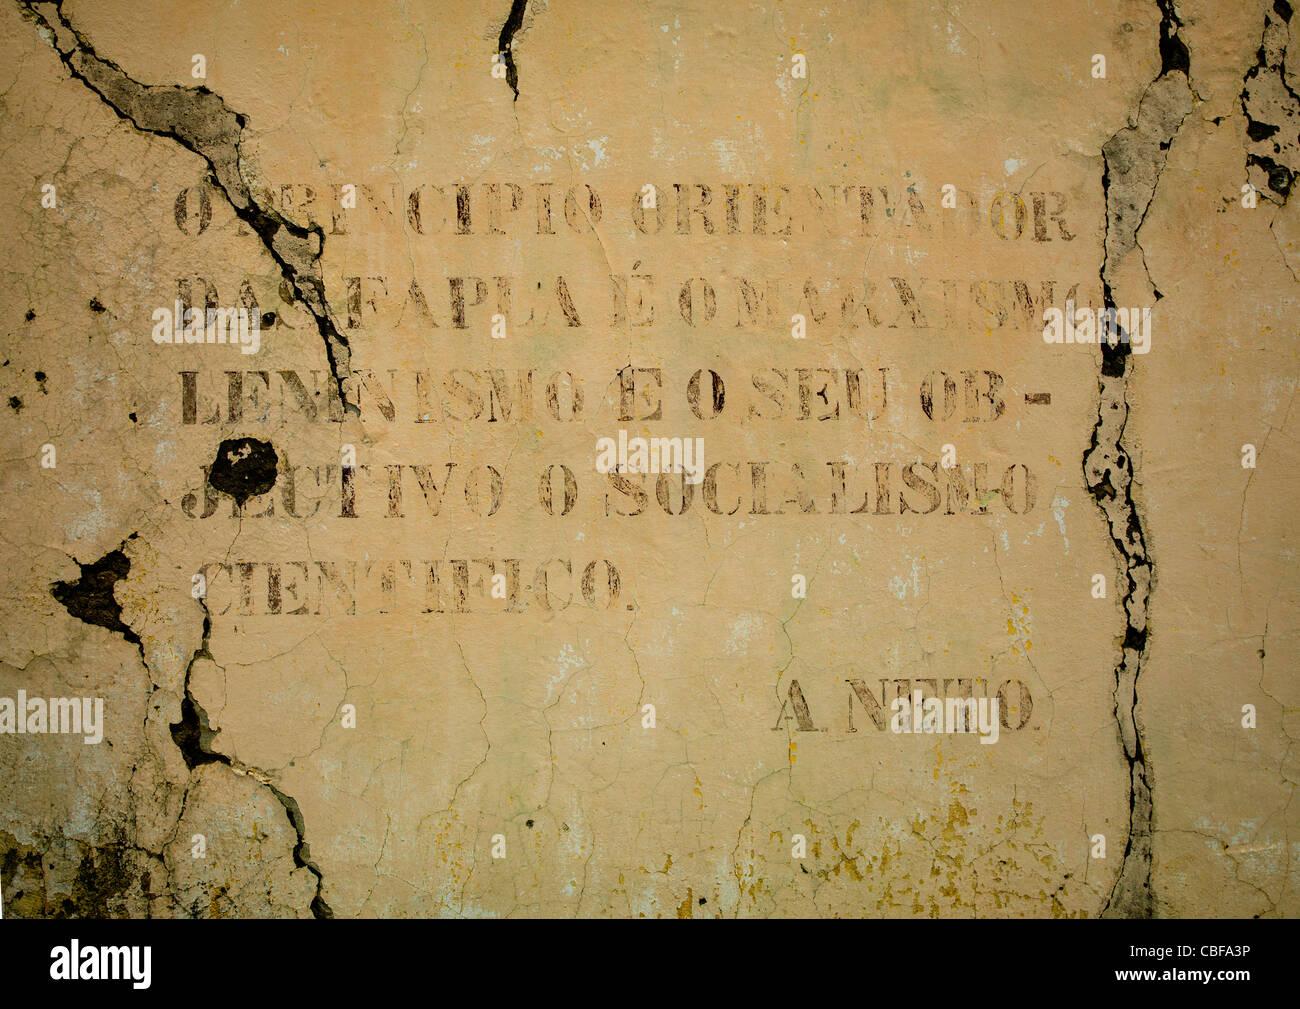 Old Communist Propaganda Message Written On A Wall, Bilaiambundo, Angola - Stock Image